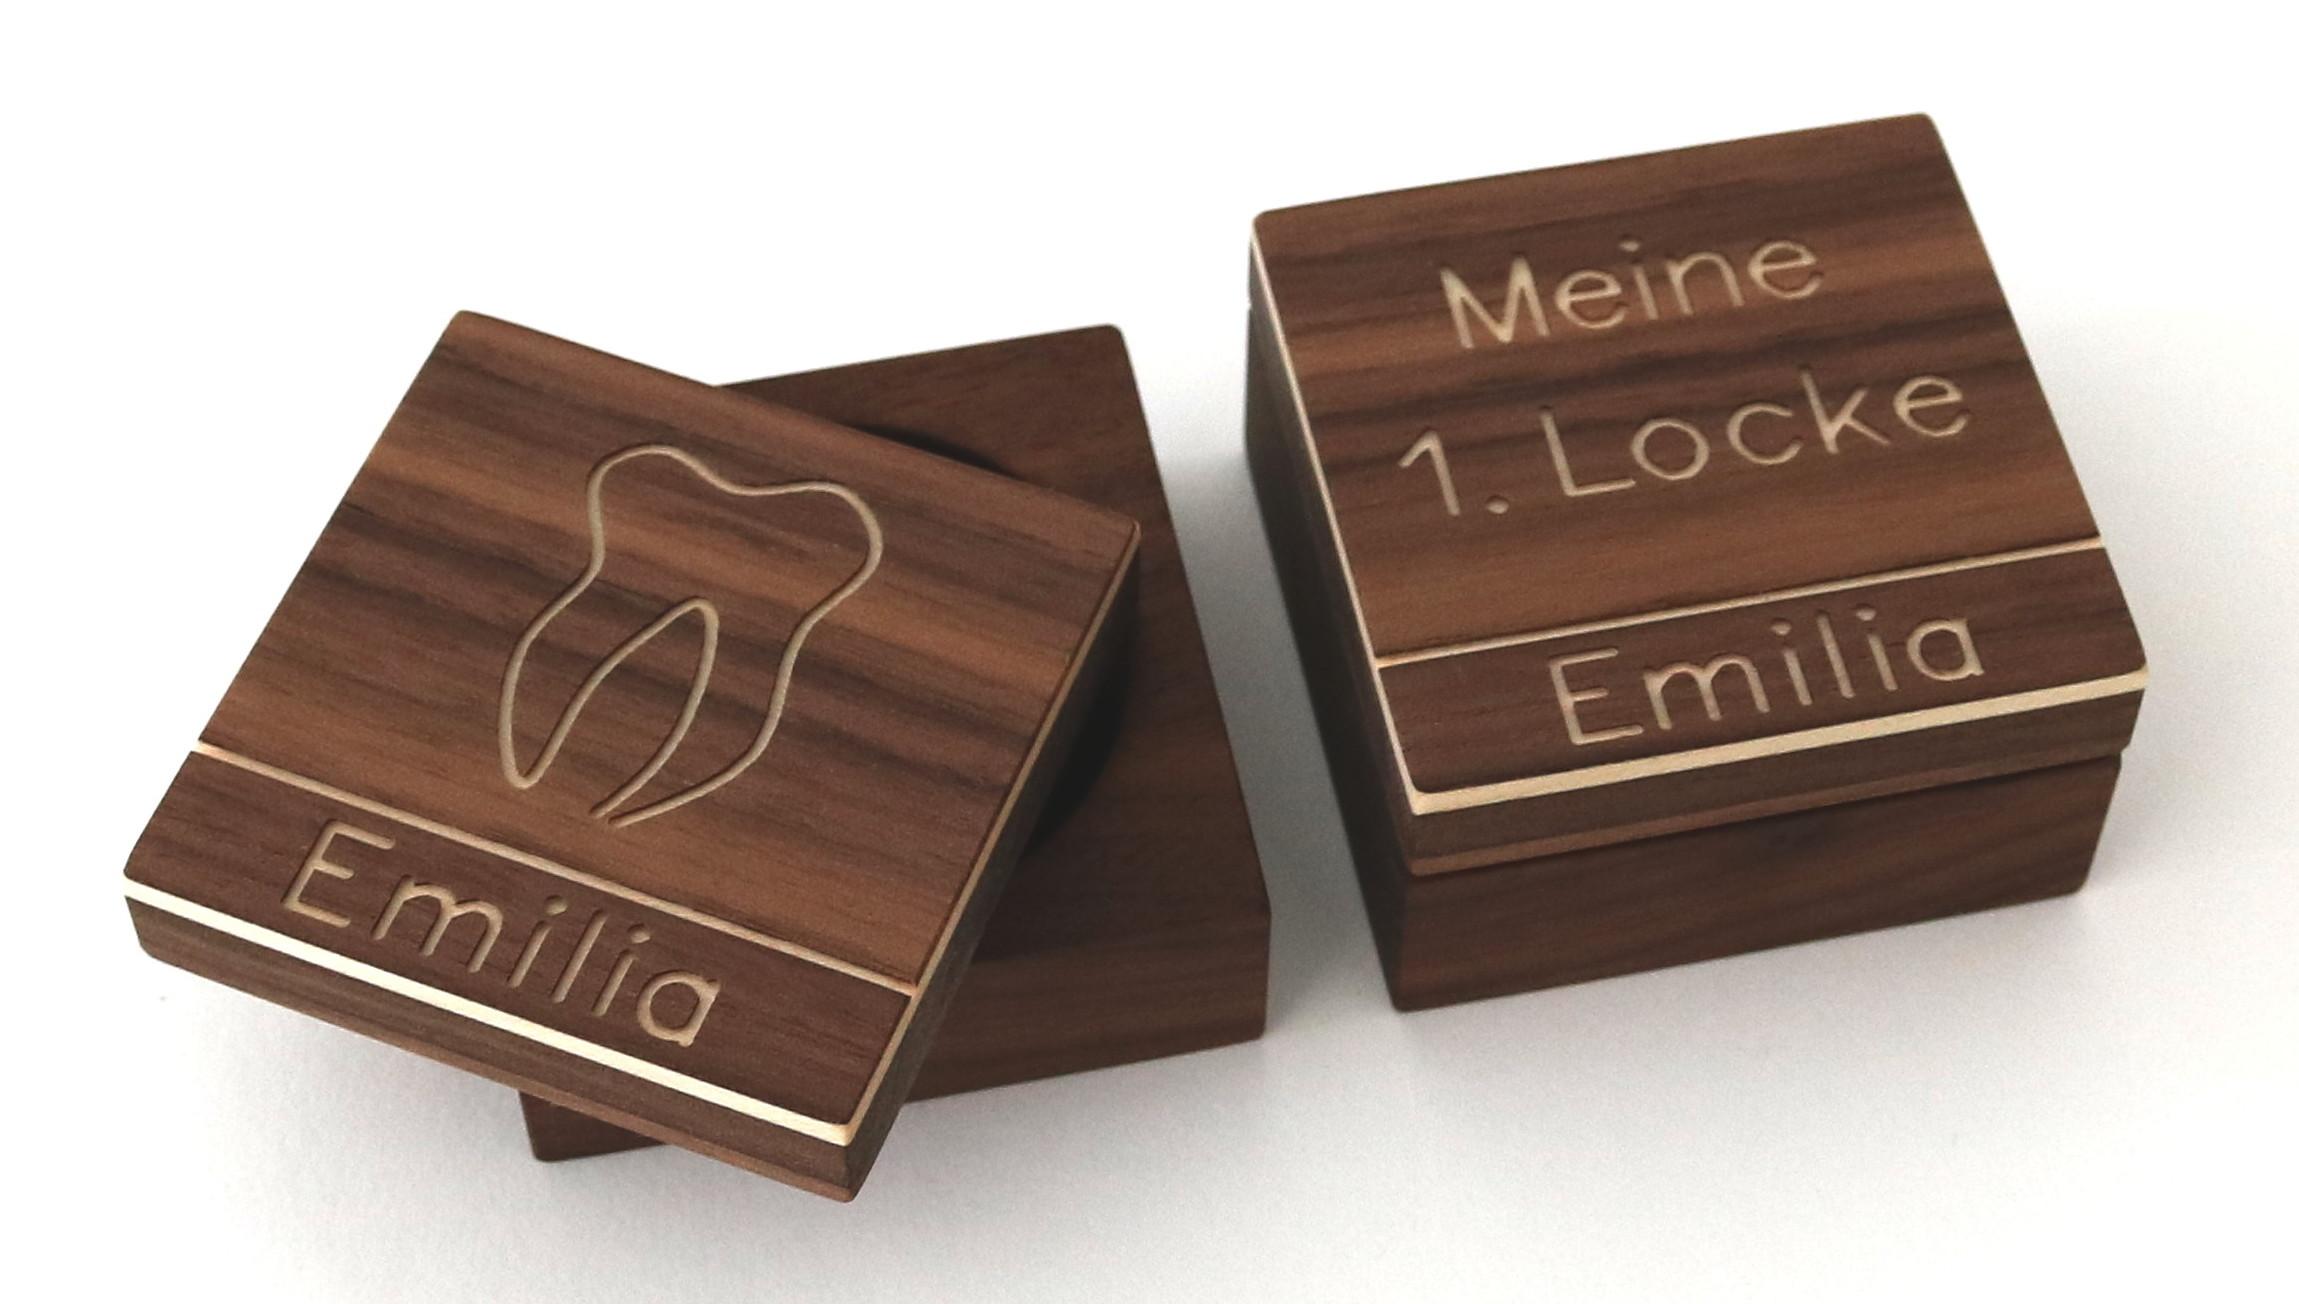 zahndose und lockendose mit namen nussbaum streifholz. Black Bedroom Furniture Sets. Home Design Ideas